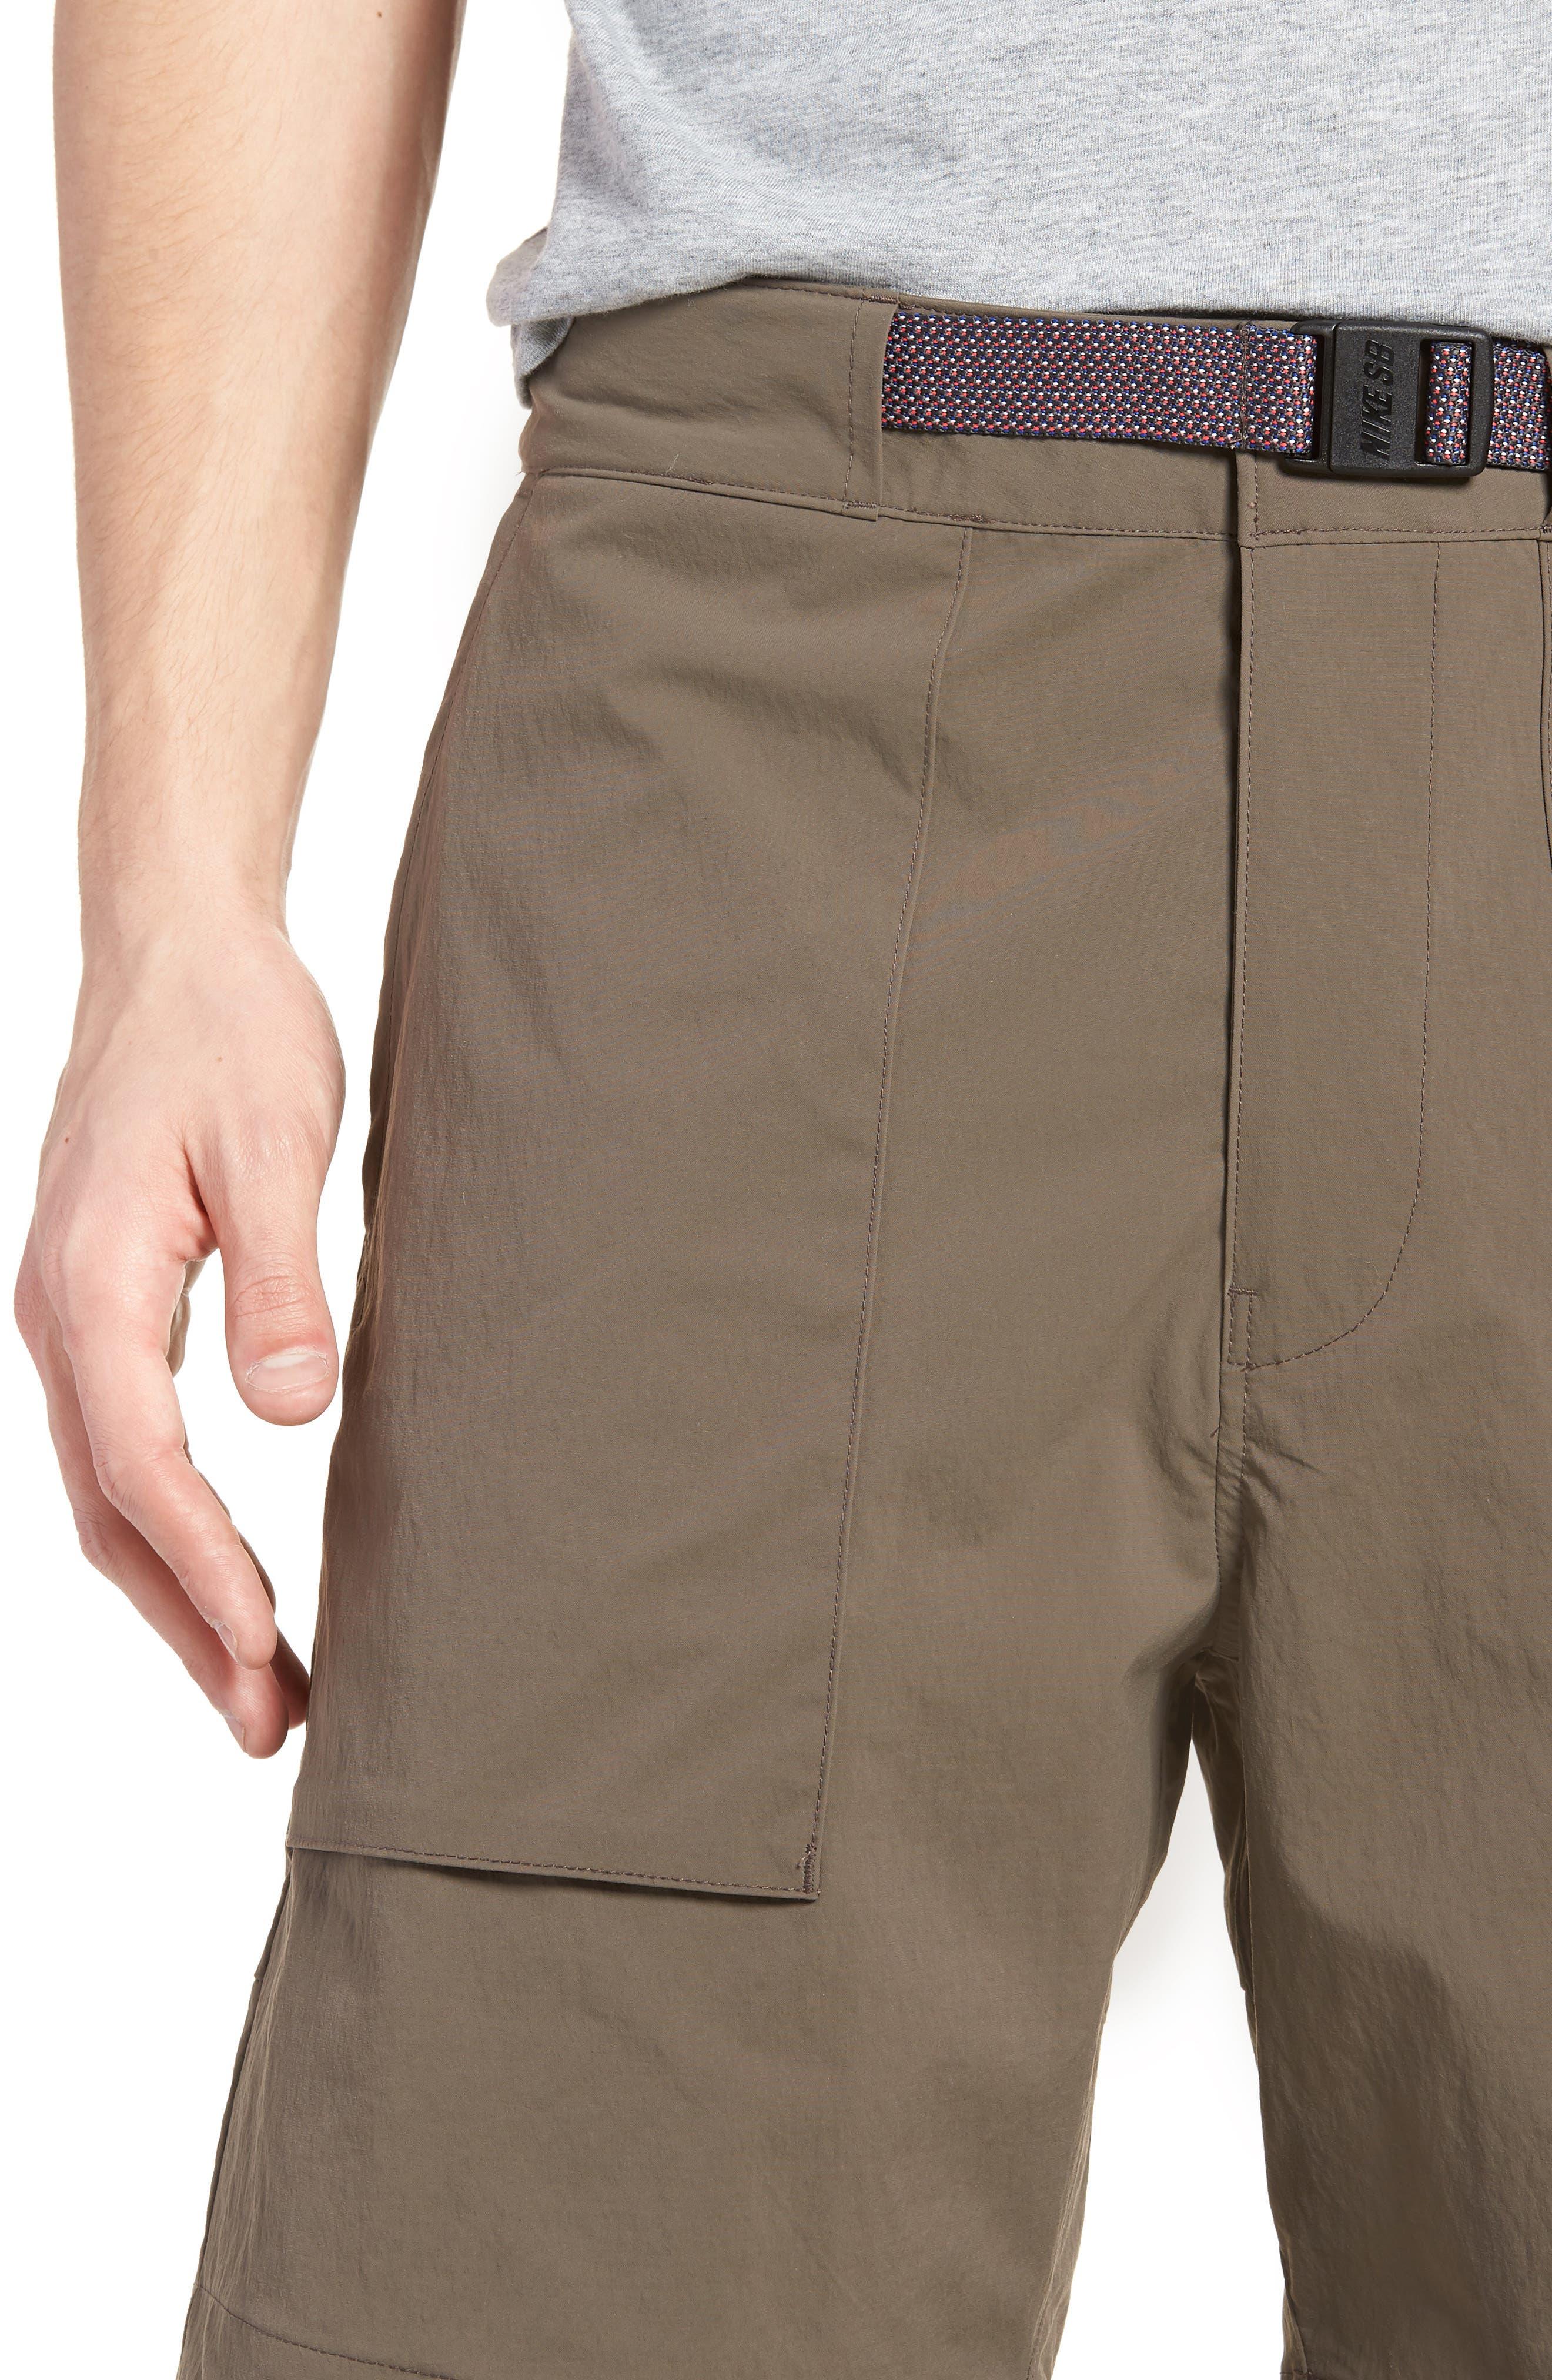 NIKE,                             SB Flex Everett Shorts,                             Alternate thumbnail 4, color,                             250